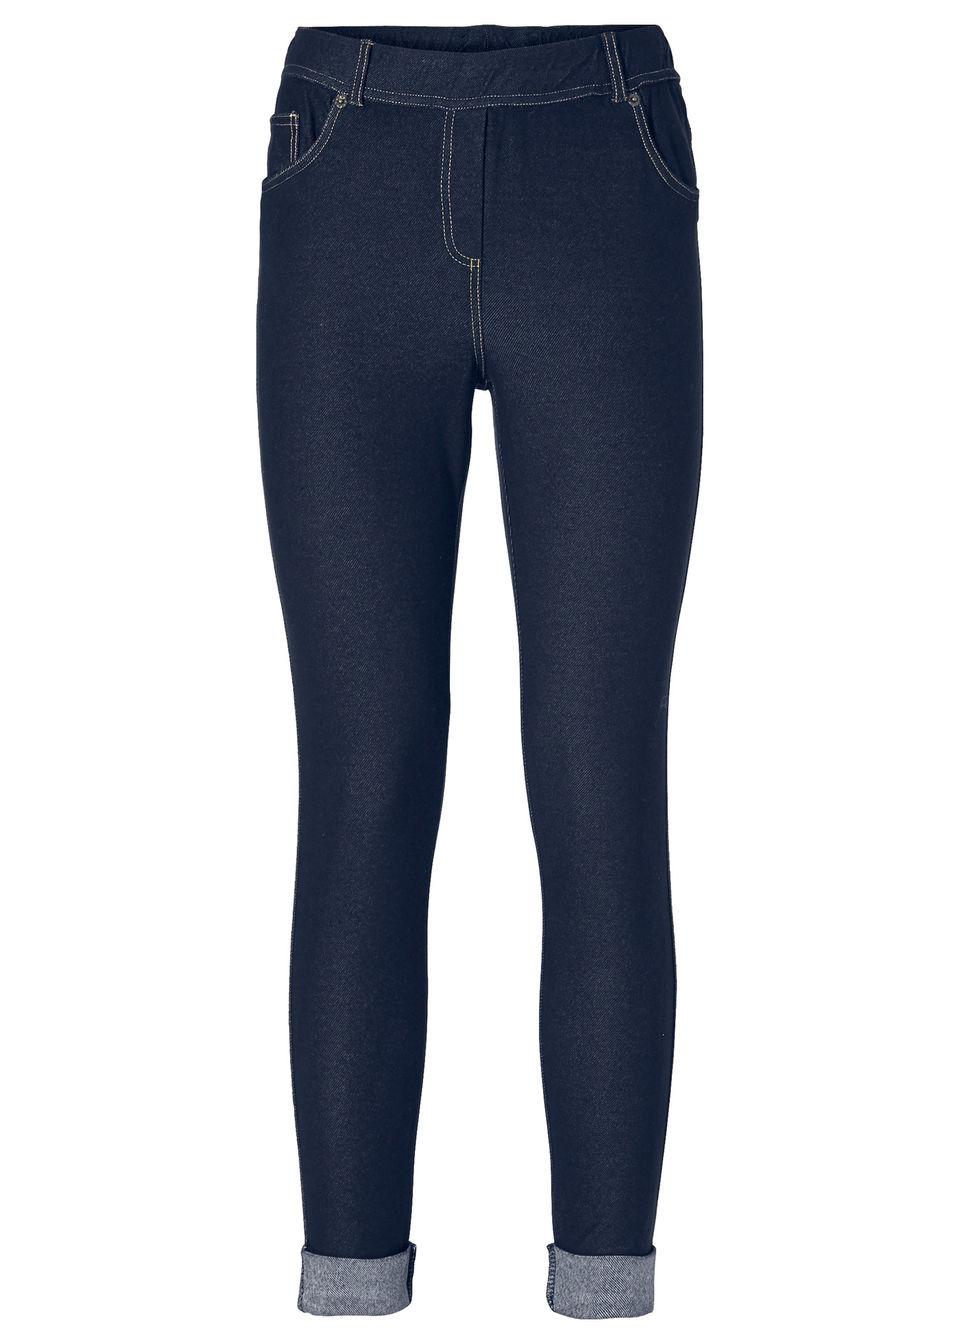 1c4fdf95b1ed Легинсы в джинсовом стиле черный «потертый» • 749.0 грн • bonprix